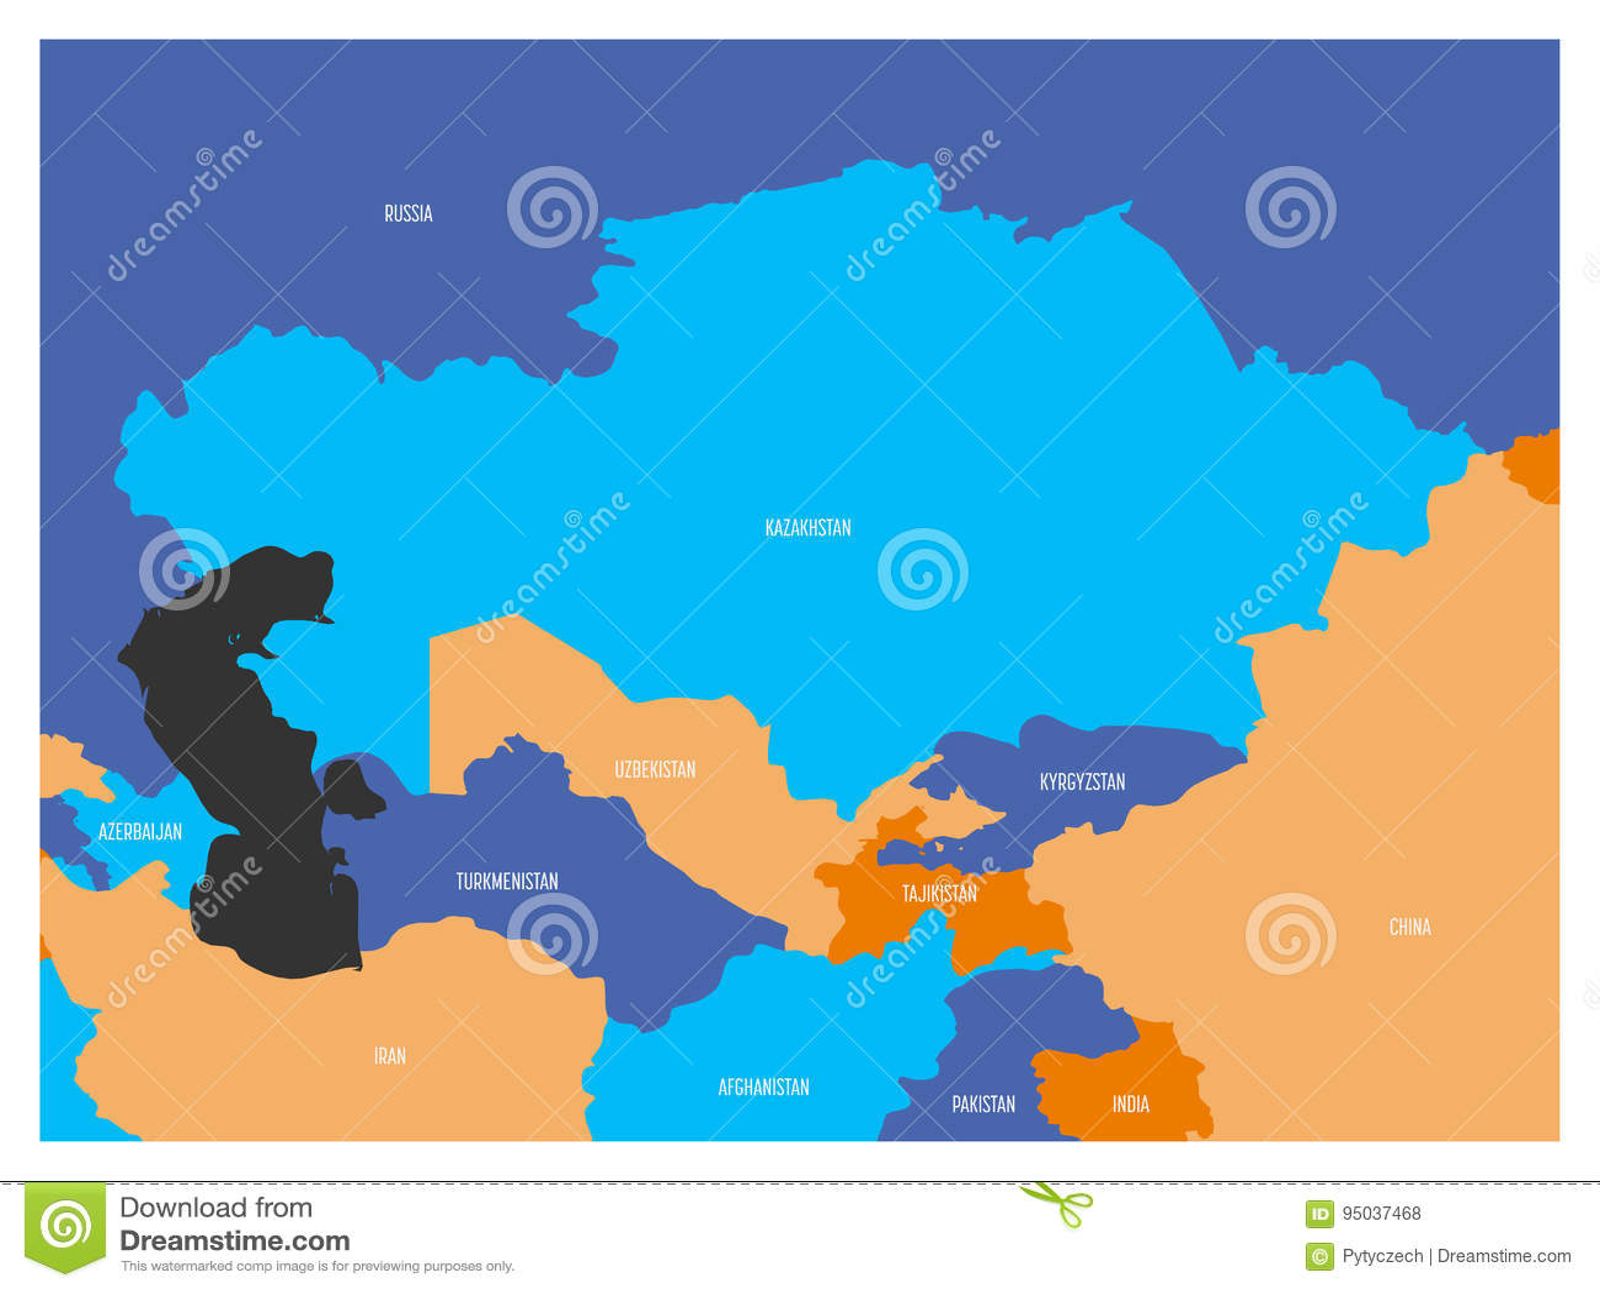 Carte Region Asie.Carte De Region De L Asie Centrale Avec Carte Plate Dans